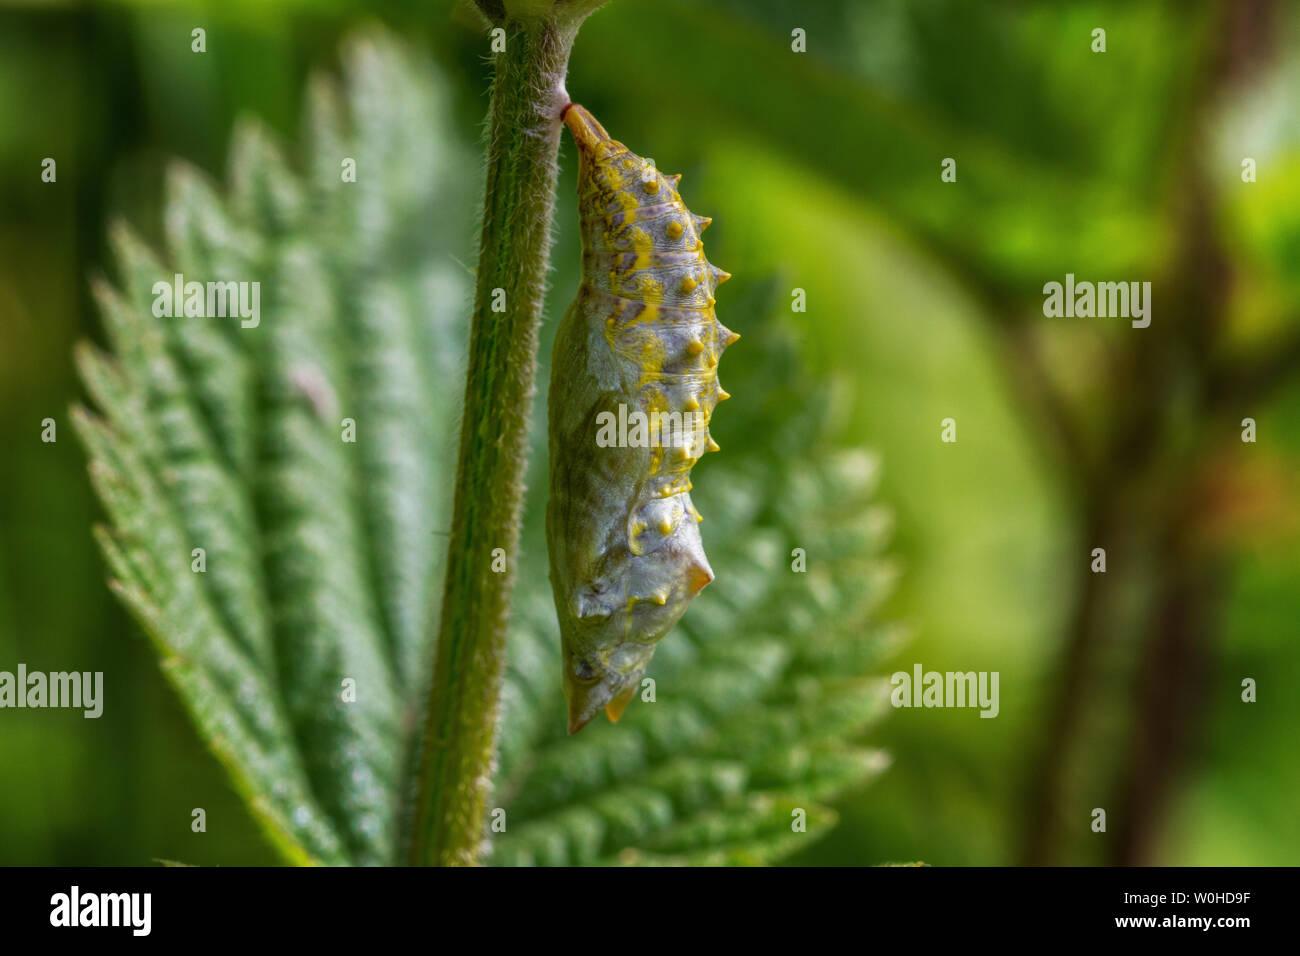 Fauna: Reino Unido pupa de mariposa pavo real en etapas muy tempranas Foto de stock